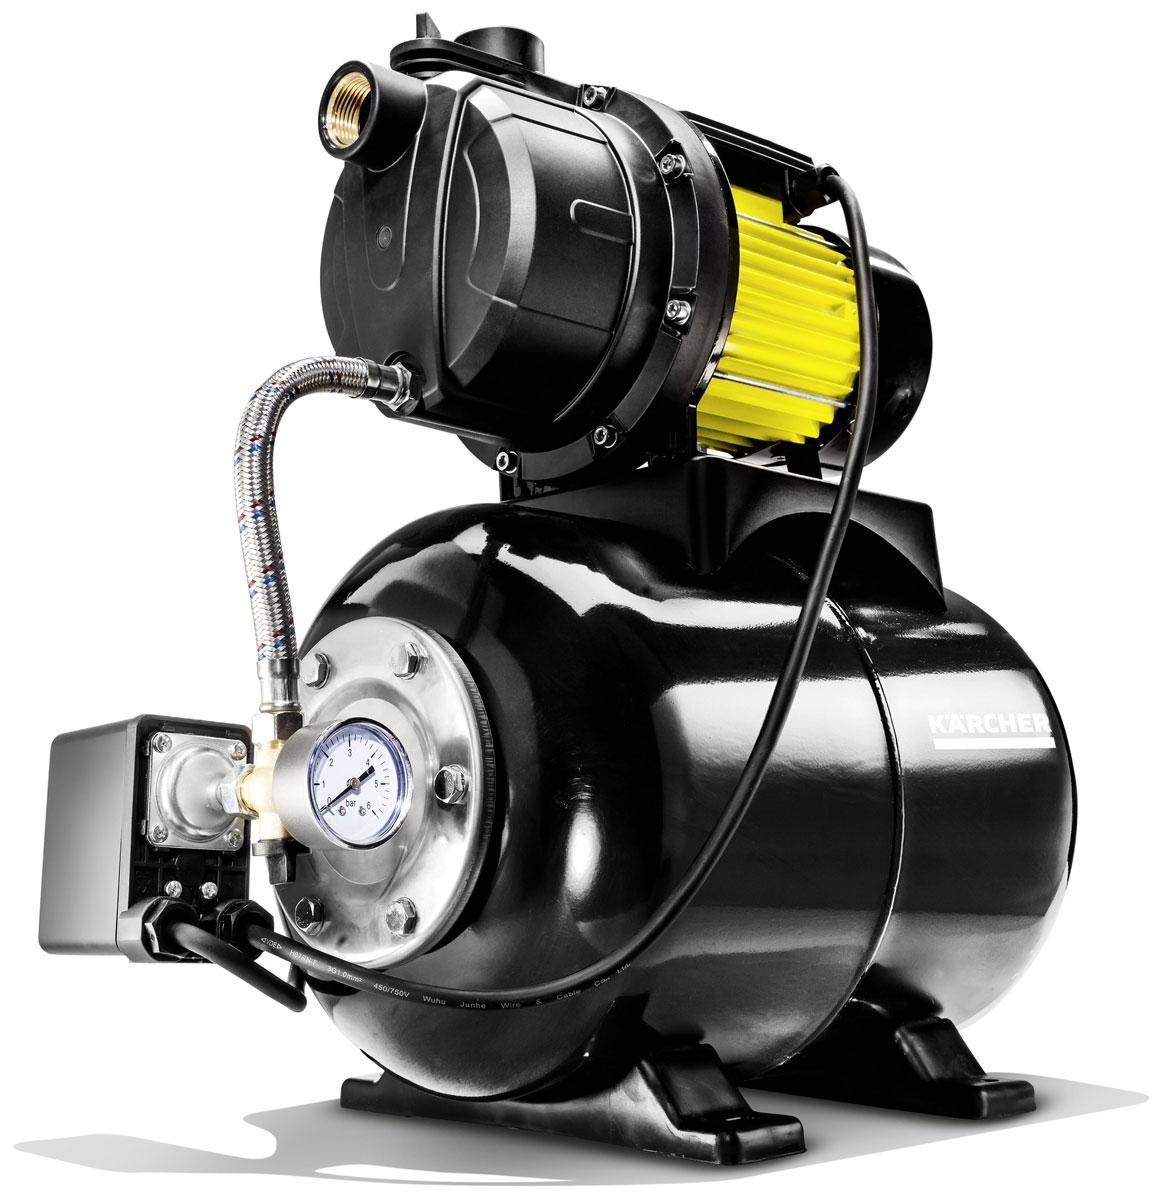 Насос Karcher BP 5 Home *EU, с гидробаком1.645-370.0Насос с гидробаком BP 5 Home автоматически будет поддерживать необходимое давление в системе домового водоснабжения. Подойдет как для использования со стиральной машиной, так и для прочих хозяйственных нужд. Невероятная практичность достигается за счет автоматического включения/отключения в зависимости от давления в системе, 24 литровый бак позволяет включать насос только когда настанет необходимость. Встроенная защита от перегрева гарантирует отключение насоса в случае перегрева. Сам насос тоже будет долго работать так как в производстве используется нержавеющая сталь. Станция легко монтируется к полу с помощью крепежных элементов.